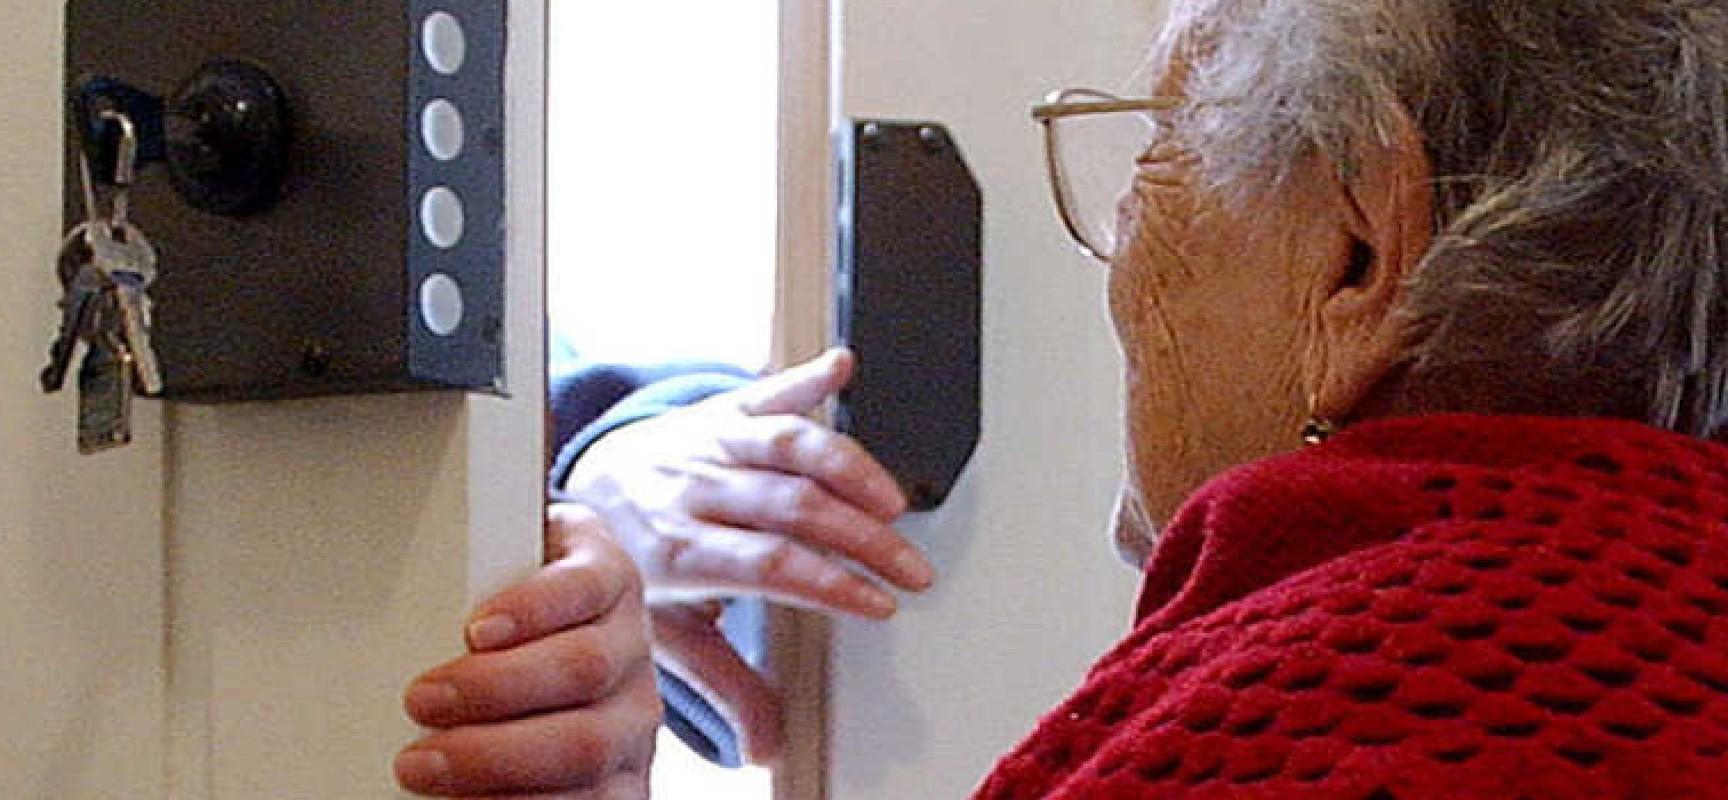 Novantenne biscegliese raggirata e derubata in casa da finto avvocato